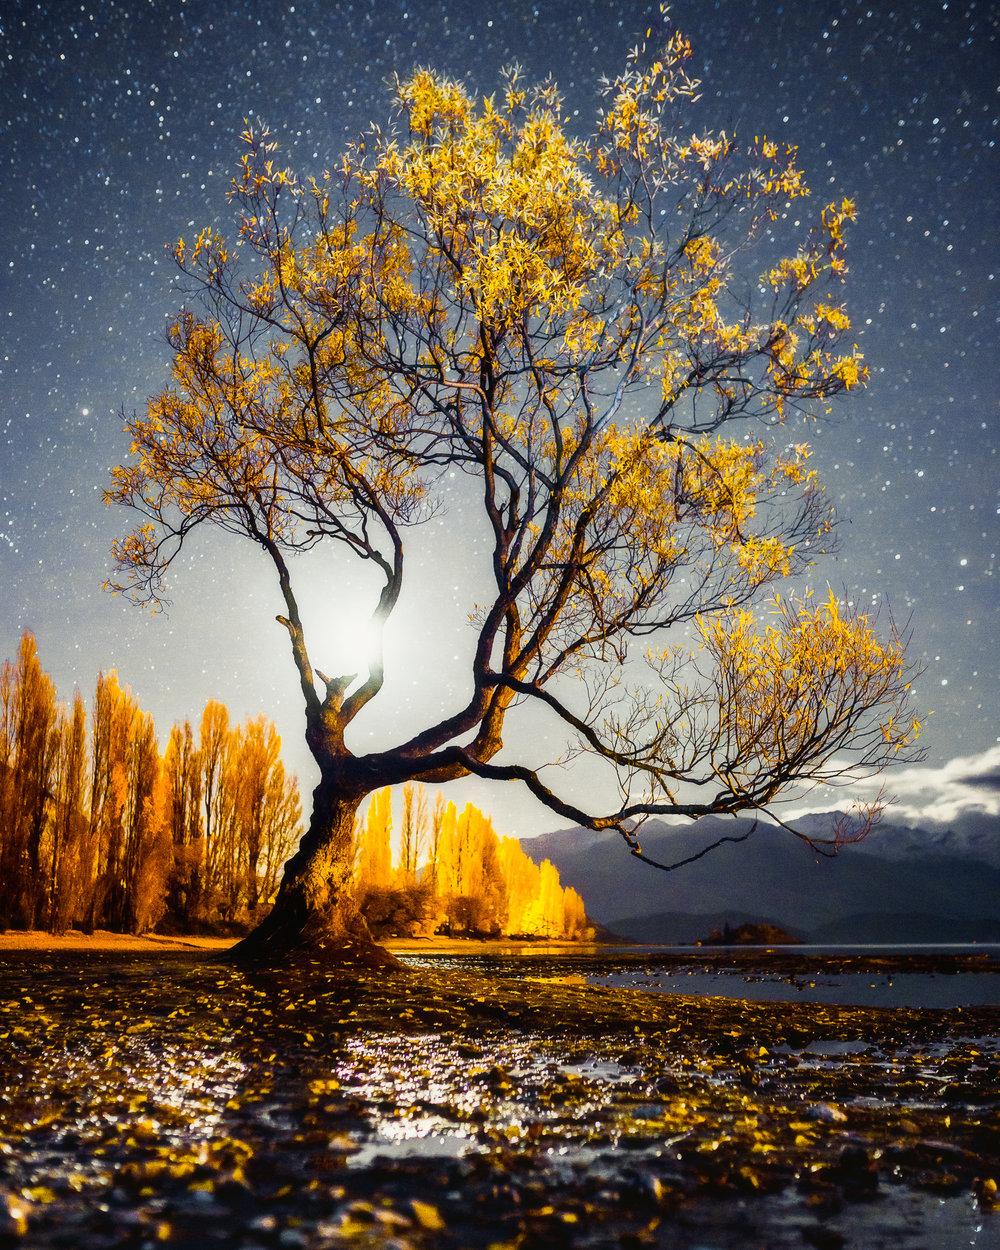 WANAKA TREE UNDER MOONLIGHT